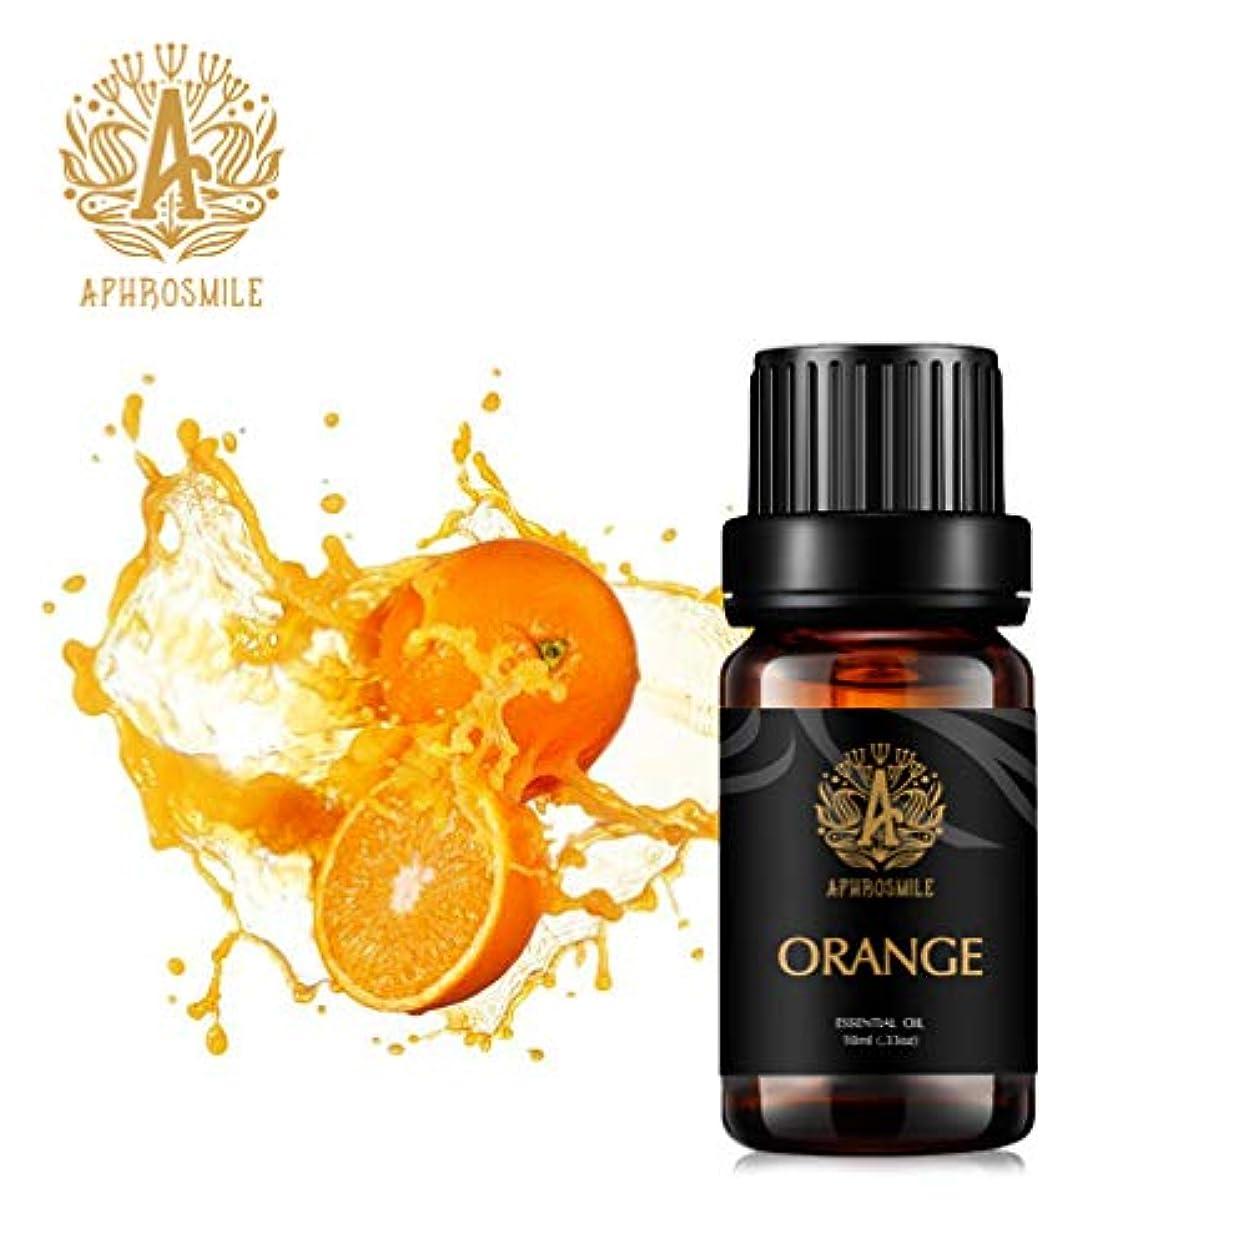 ブレイズエイズスポンサーオレンジエッセンシャルオイル、100%ピュアアロマエッセンシャルオイルオレンジ香り、怒りを和らげる、治療用グレードエッセンシャルオイルオレンジの香り、為にディフューザー、マッサージ、加湿器、デイリーケア、0.33オンス-...